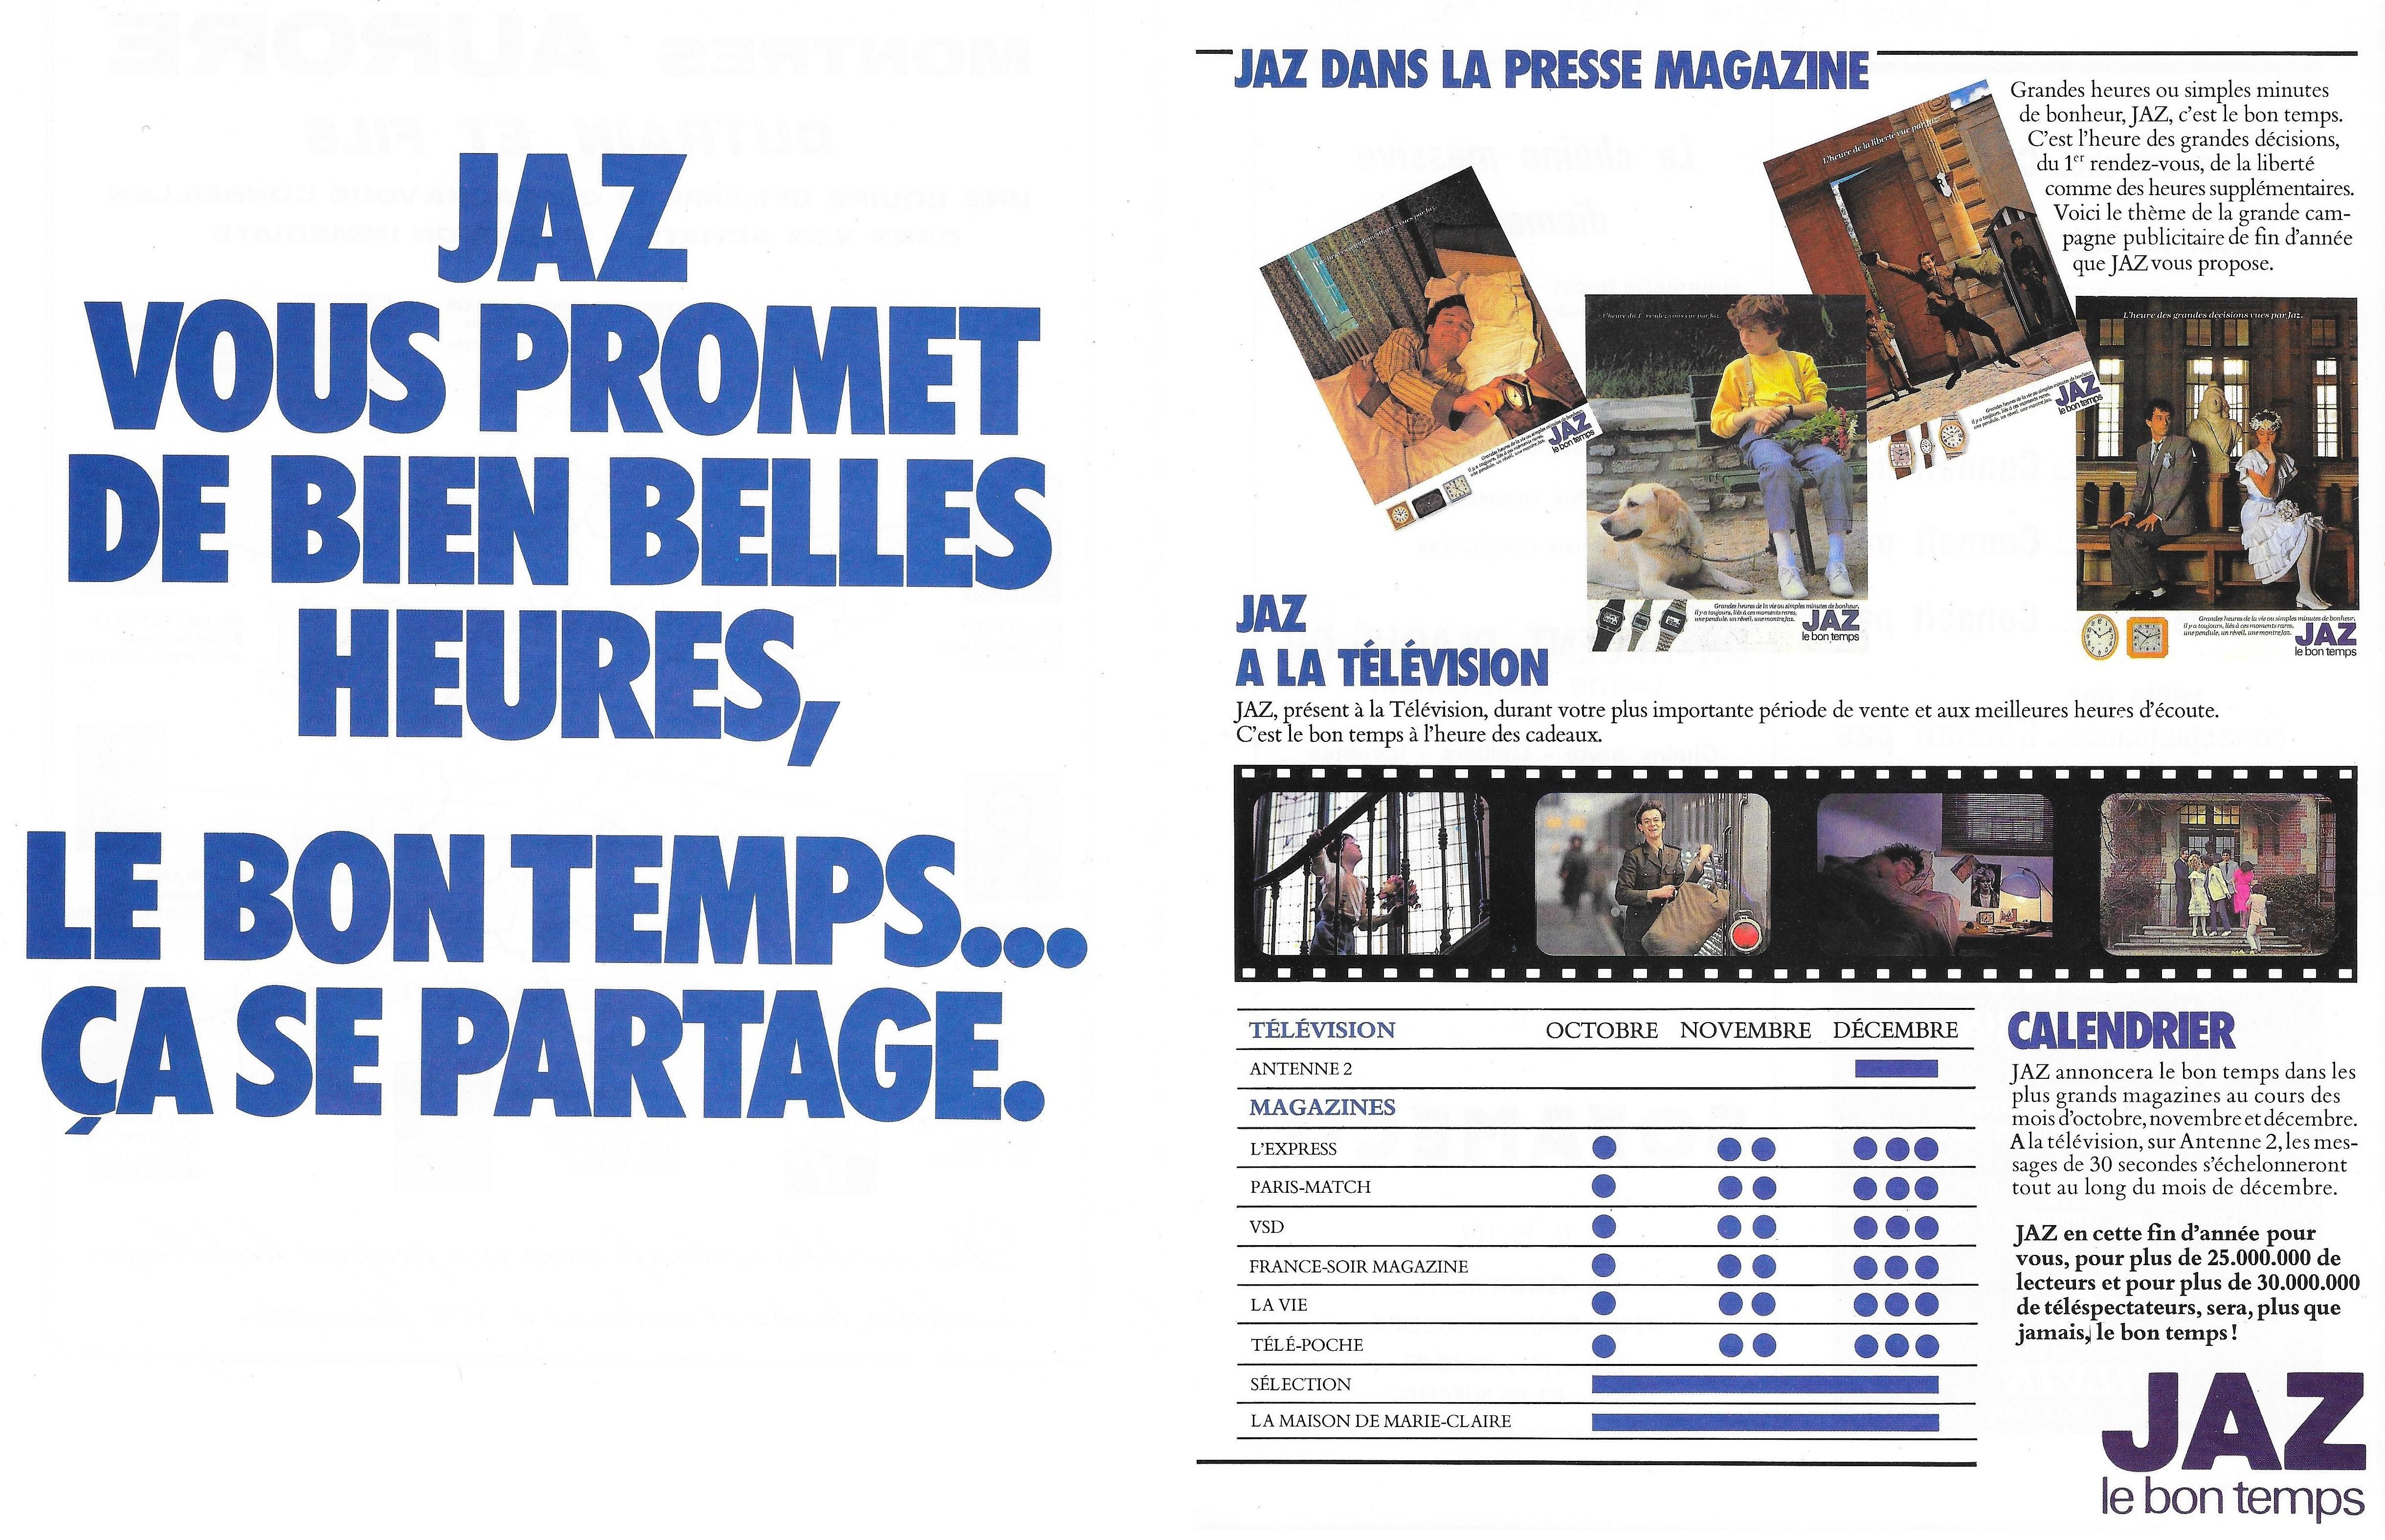 1982 La France Horlogère n°437 novemb 1982 page 24 et 25